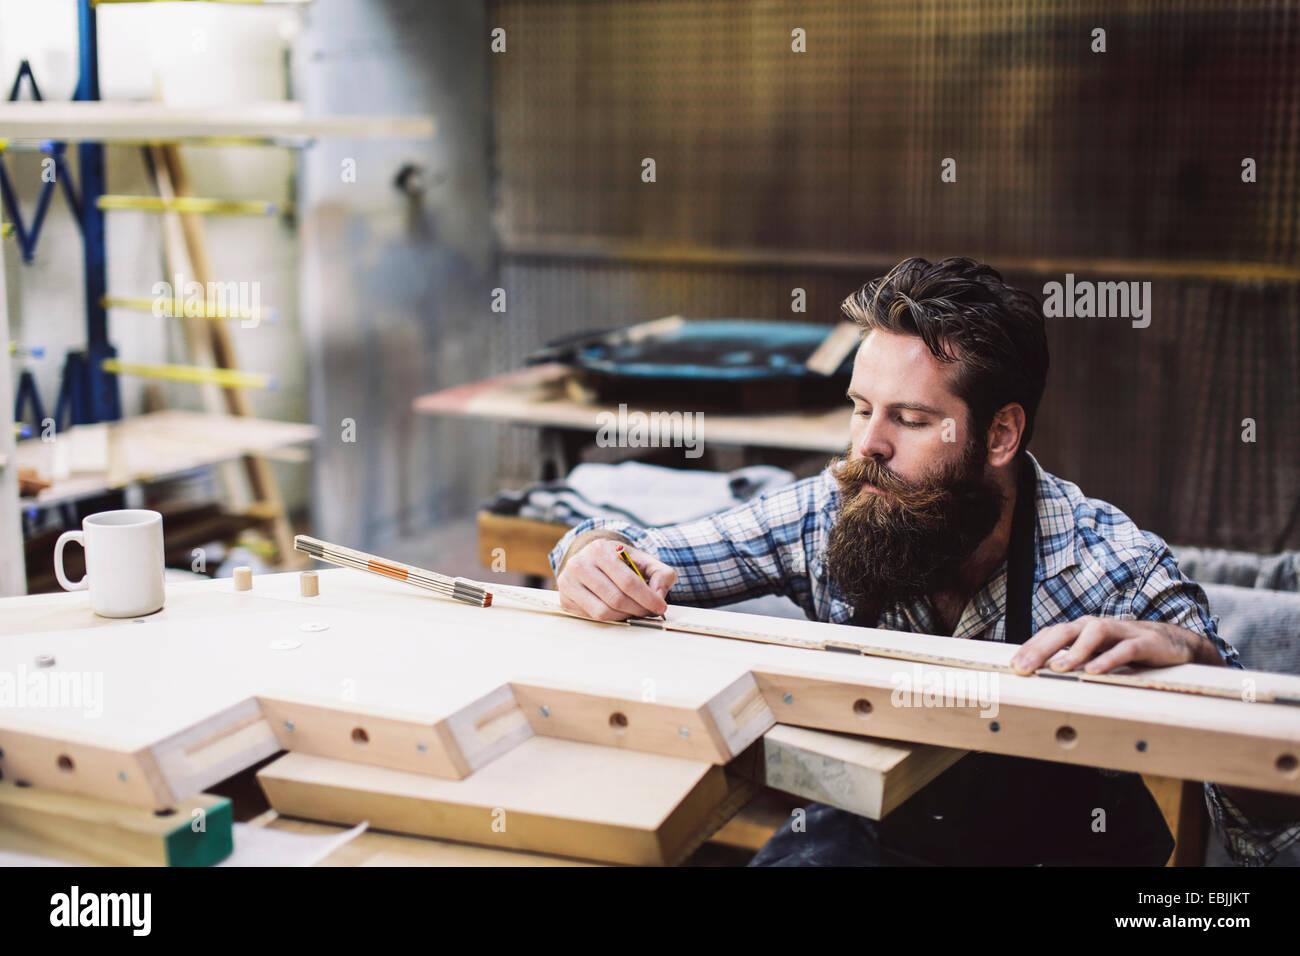 Captura recortada de mediados adulto artesano de la madera de medición en órgano componente taller Imagen De Stock